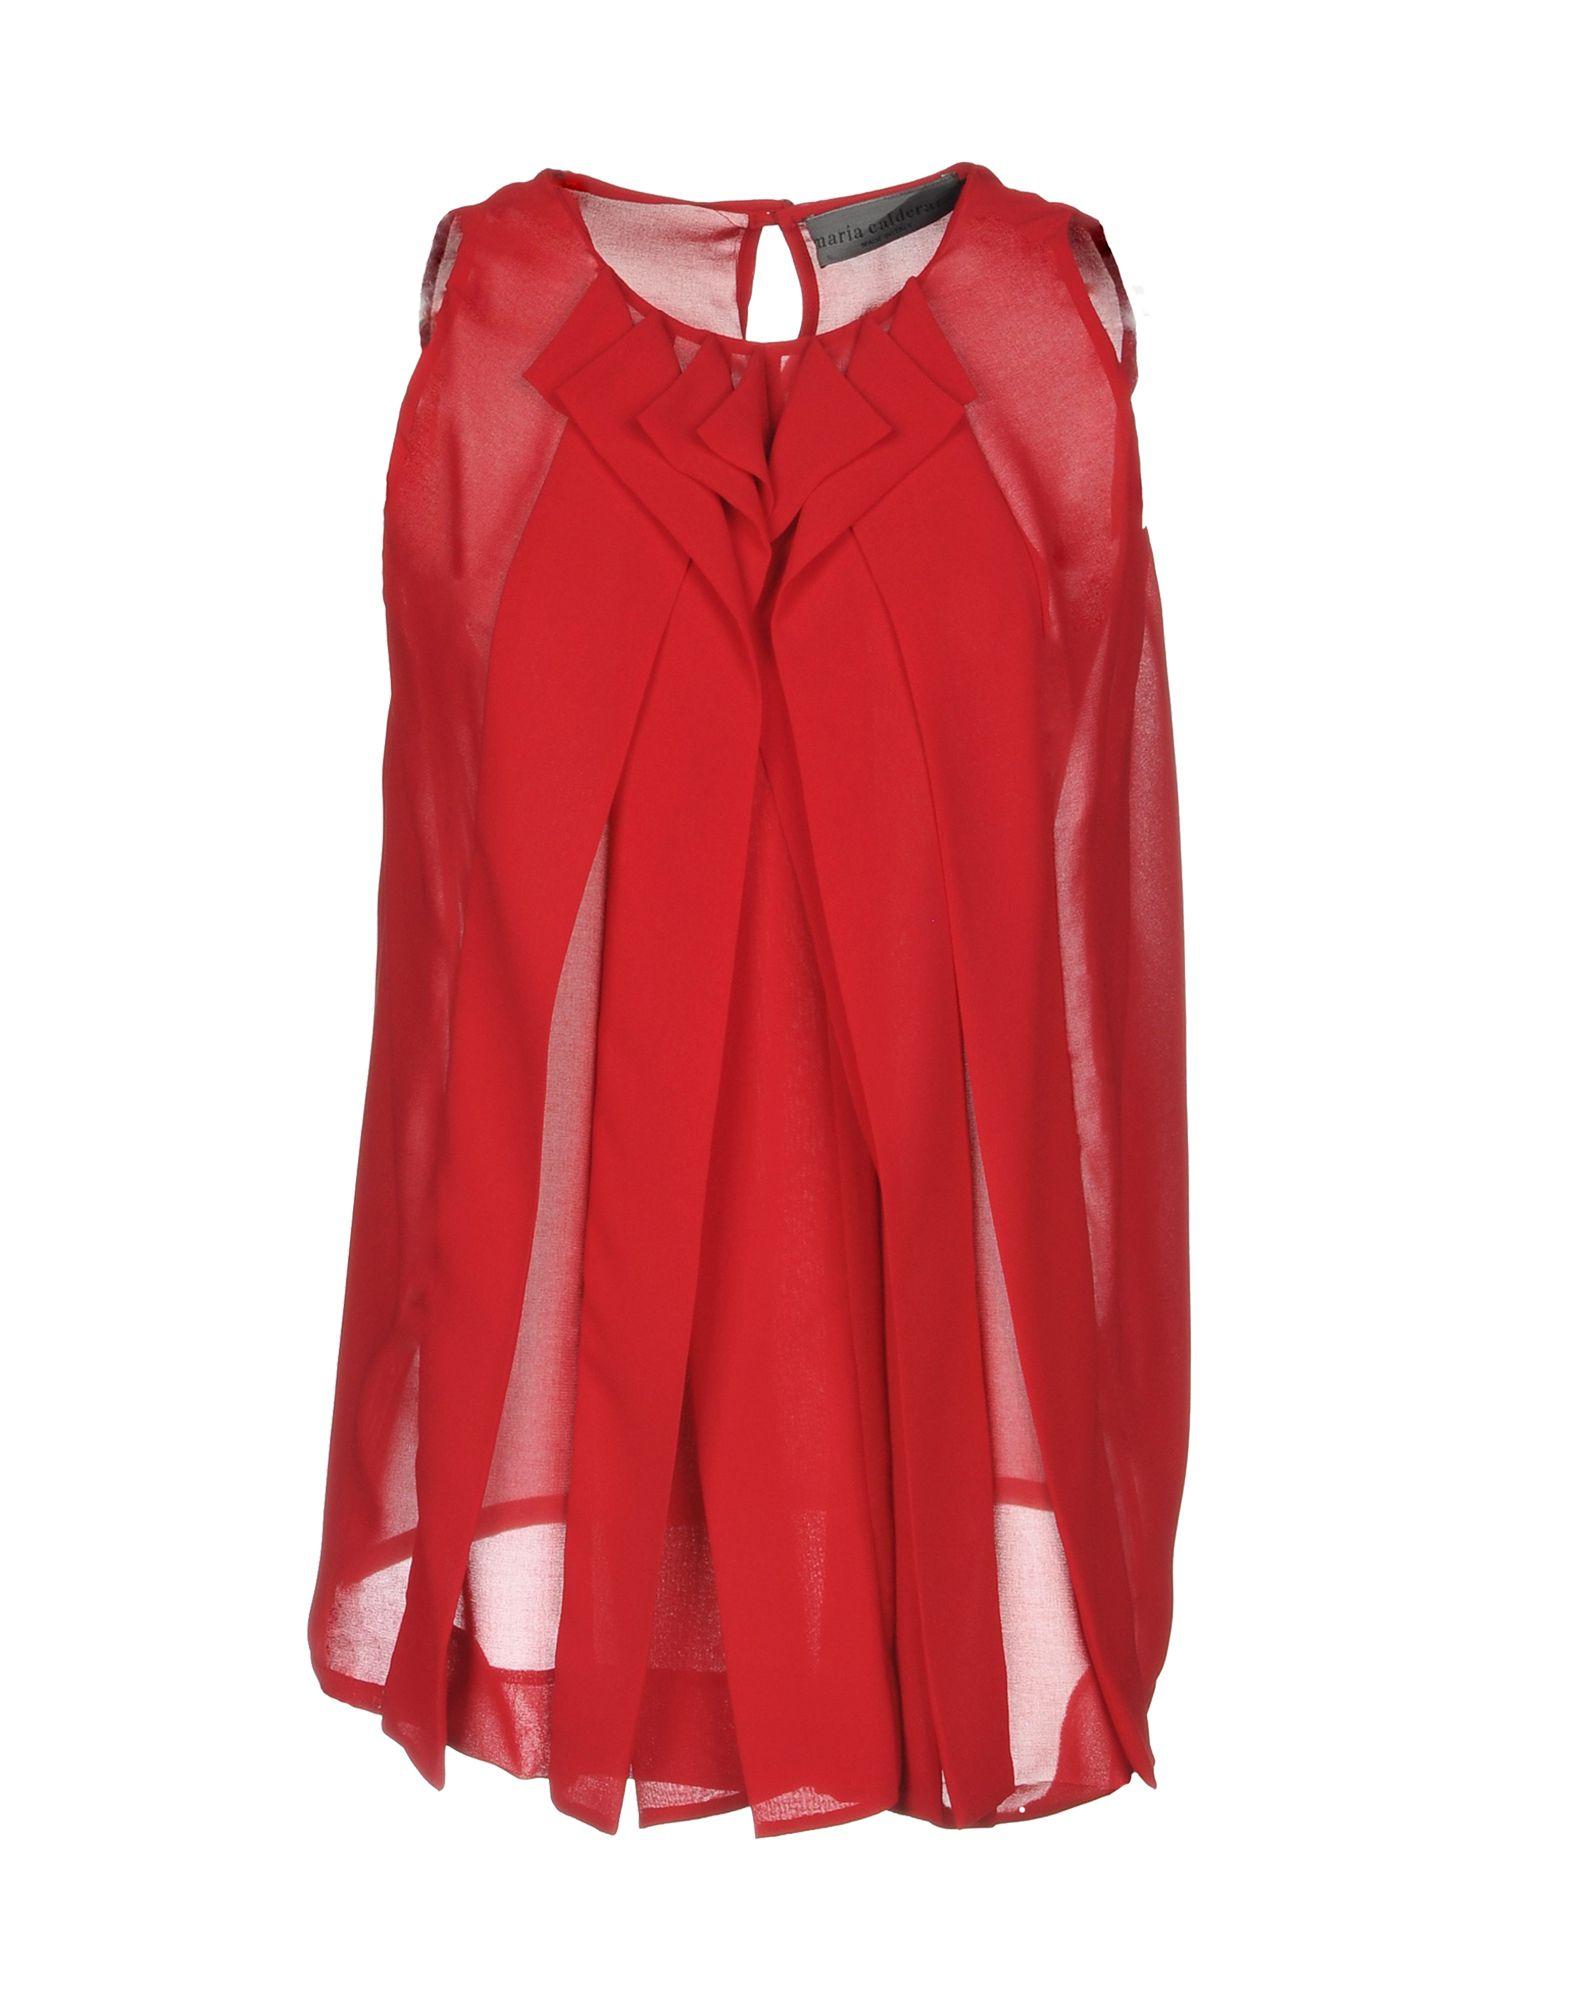 MARIA CALDERARA Top in Red